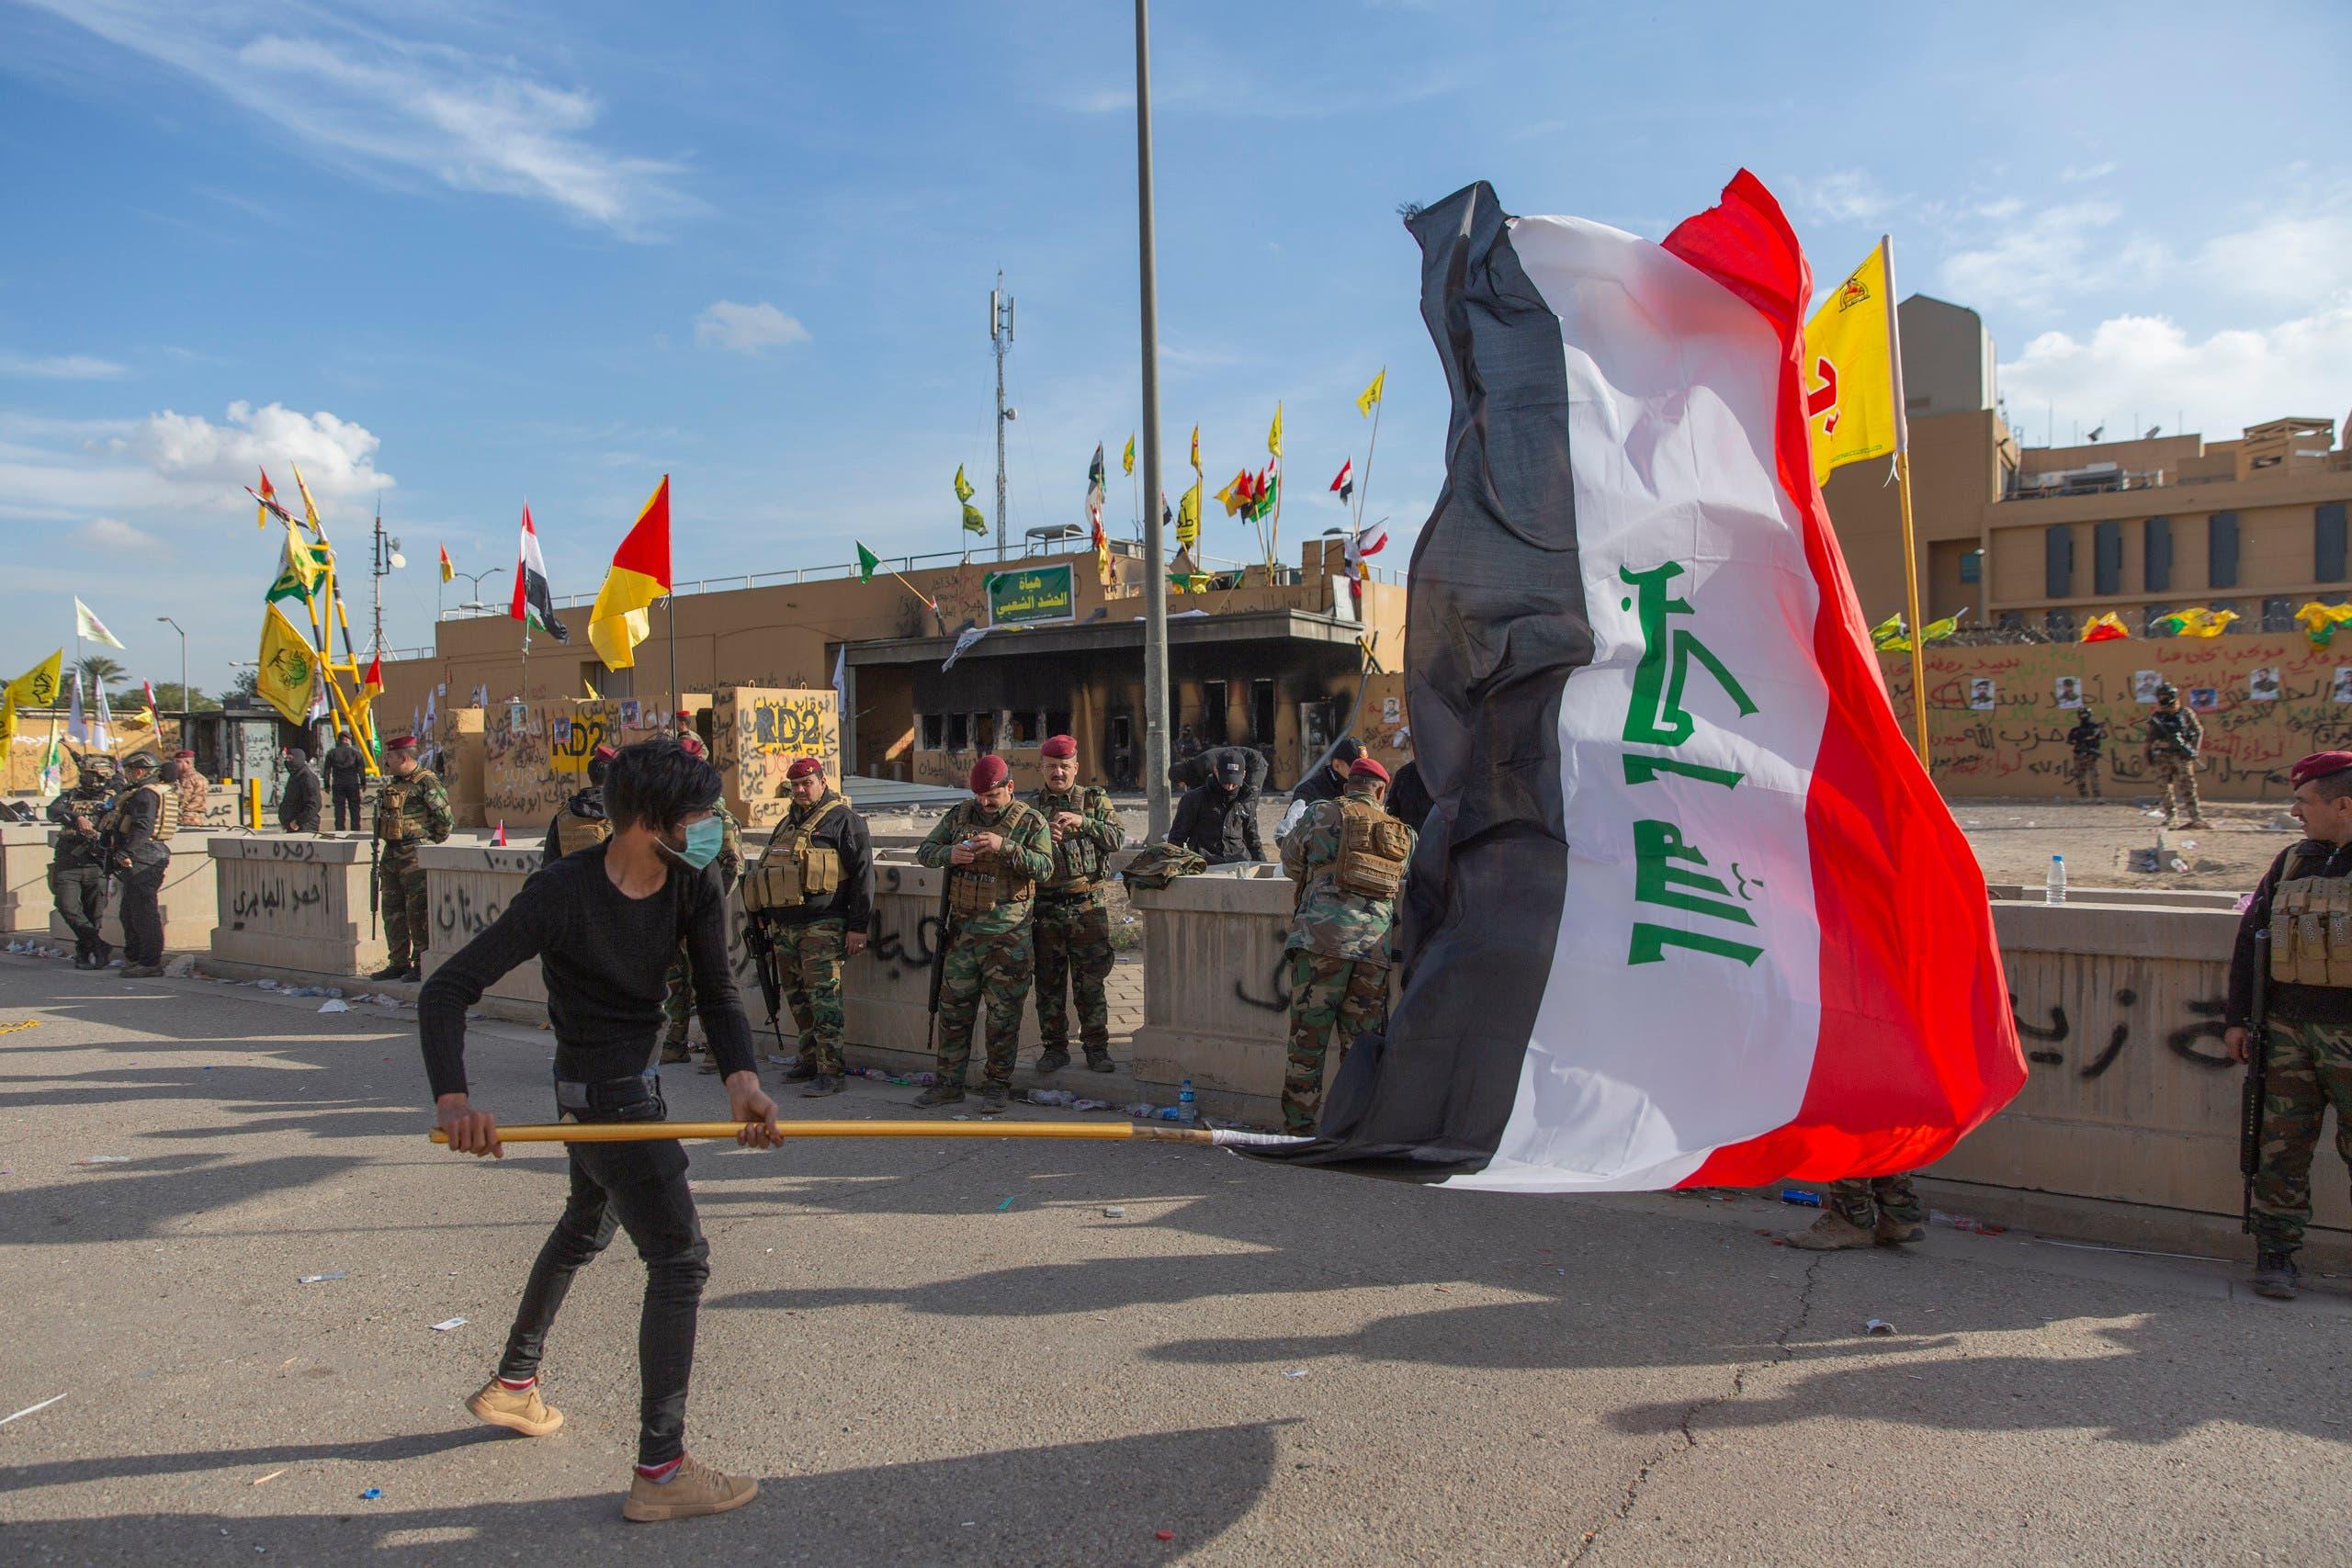 عراقي بالقرب من السفارة الأميركية في بغداد